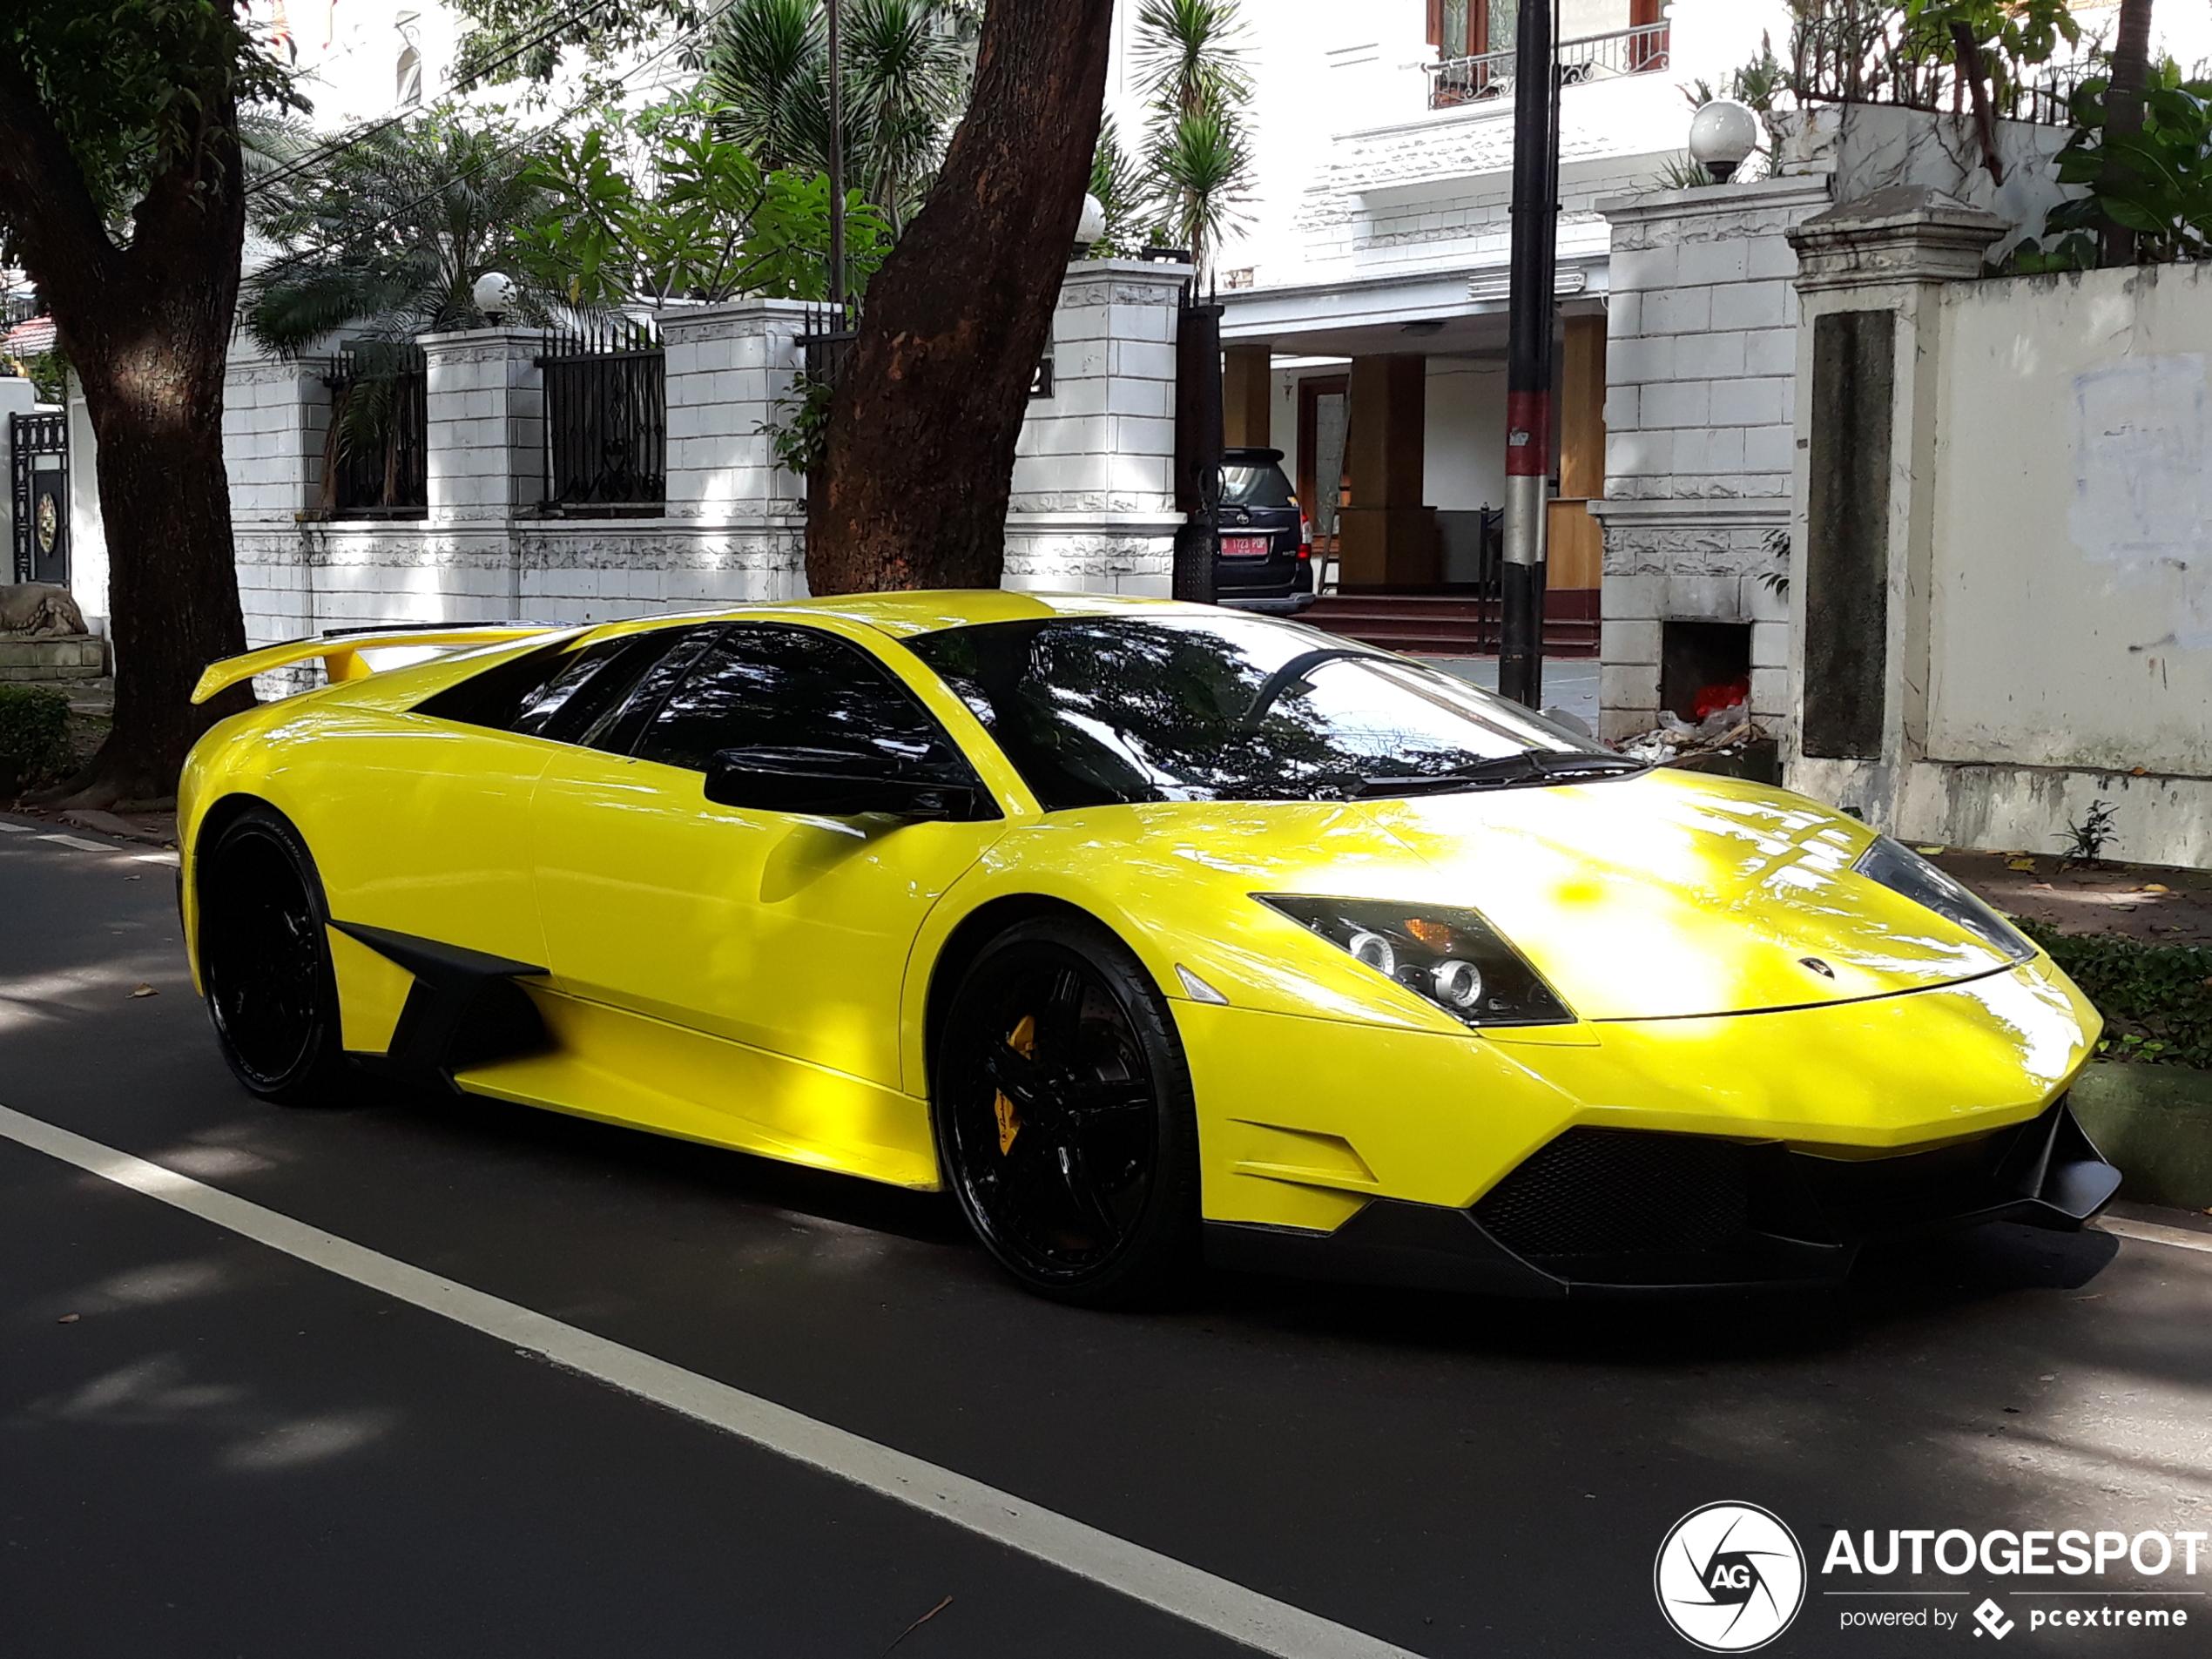 LamborghiniMurciélago LP640 Premier 4509 Limited